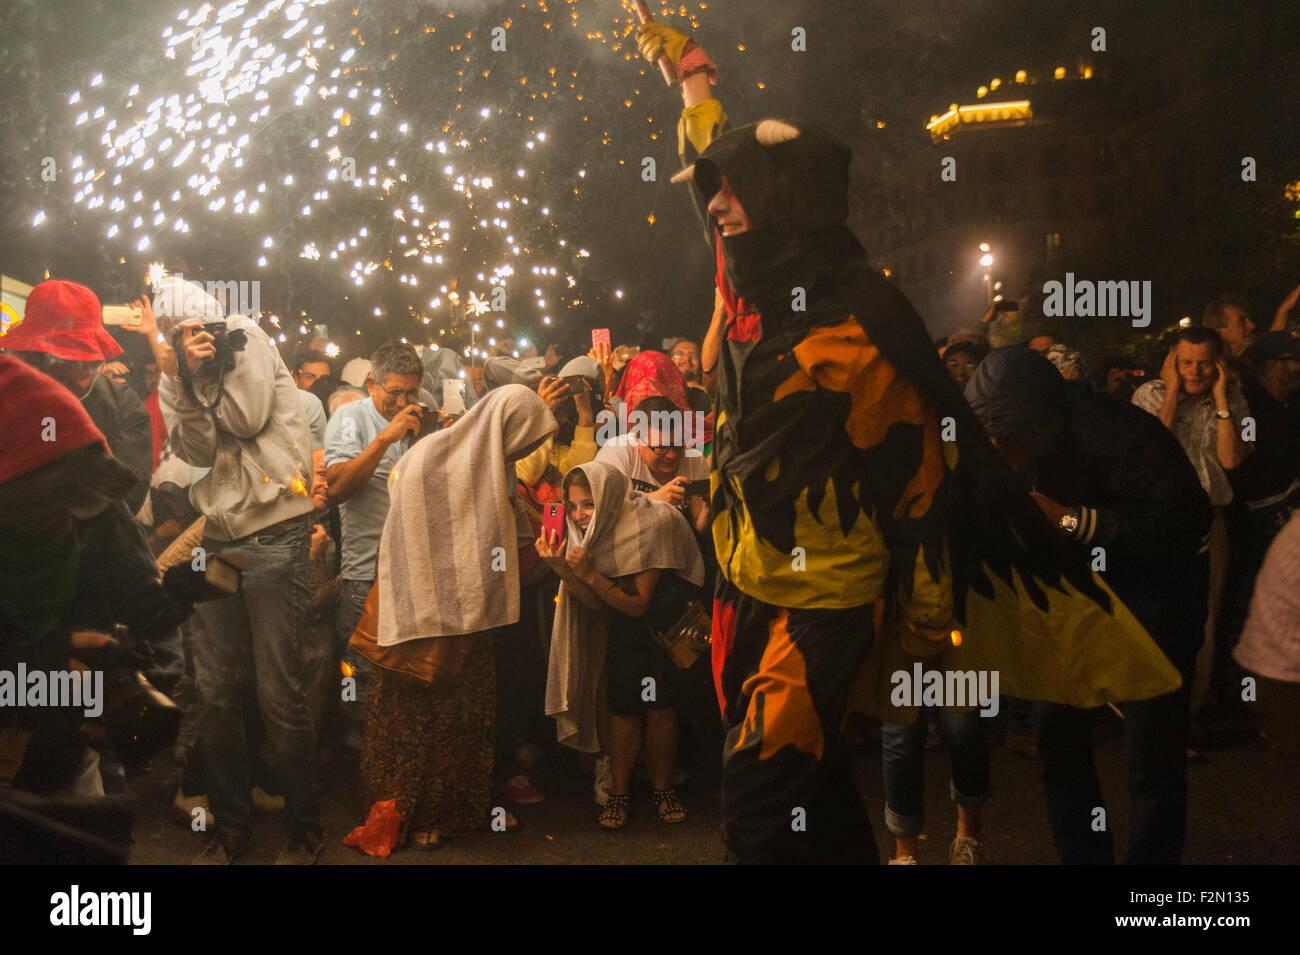 Barcellona, Spagna. Xx Settembre, 2015. Il pubblico alla mostra di godere durante il tentativo di evitare ustioni Immagini Stock